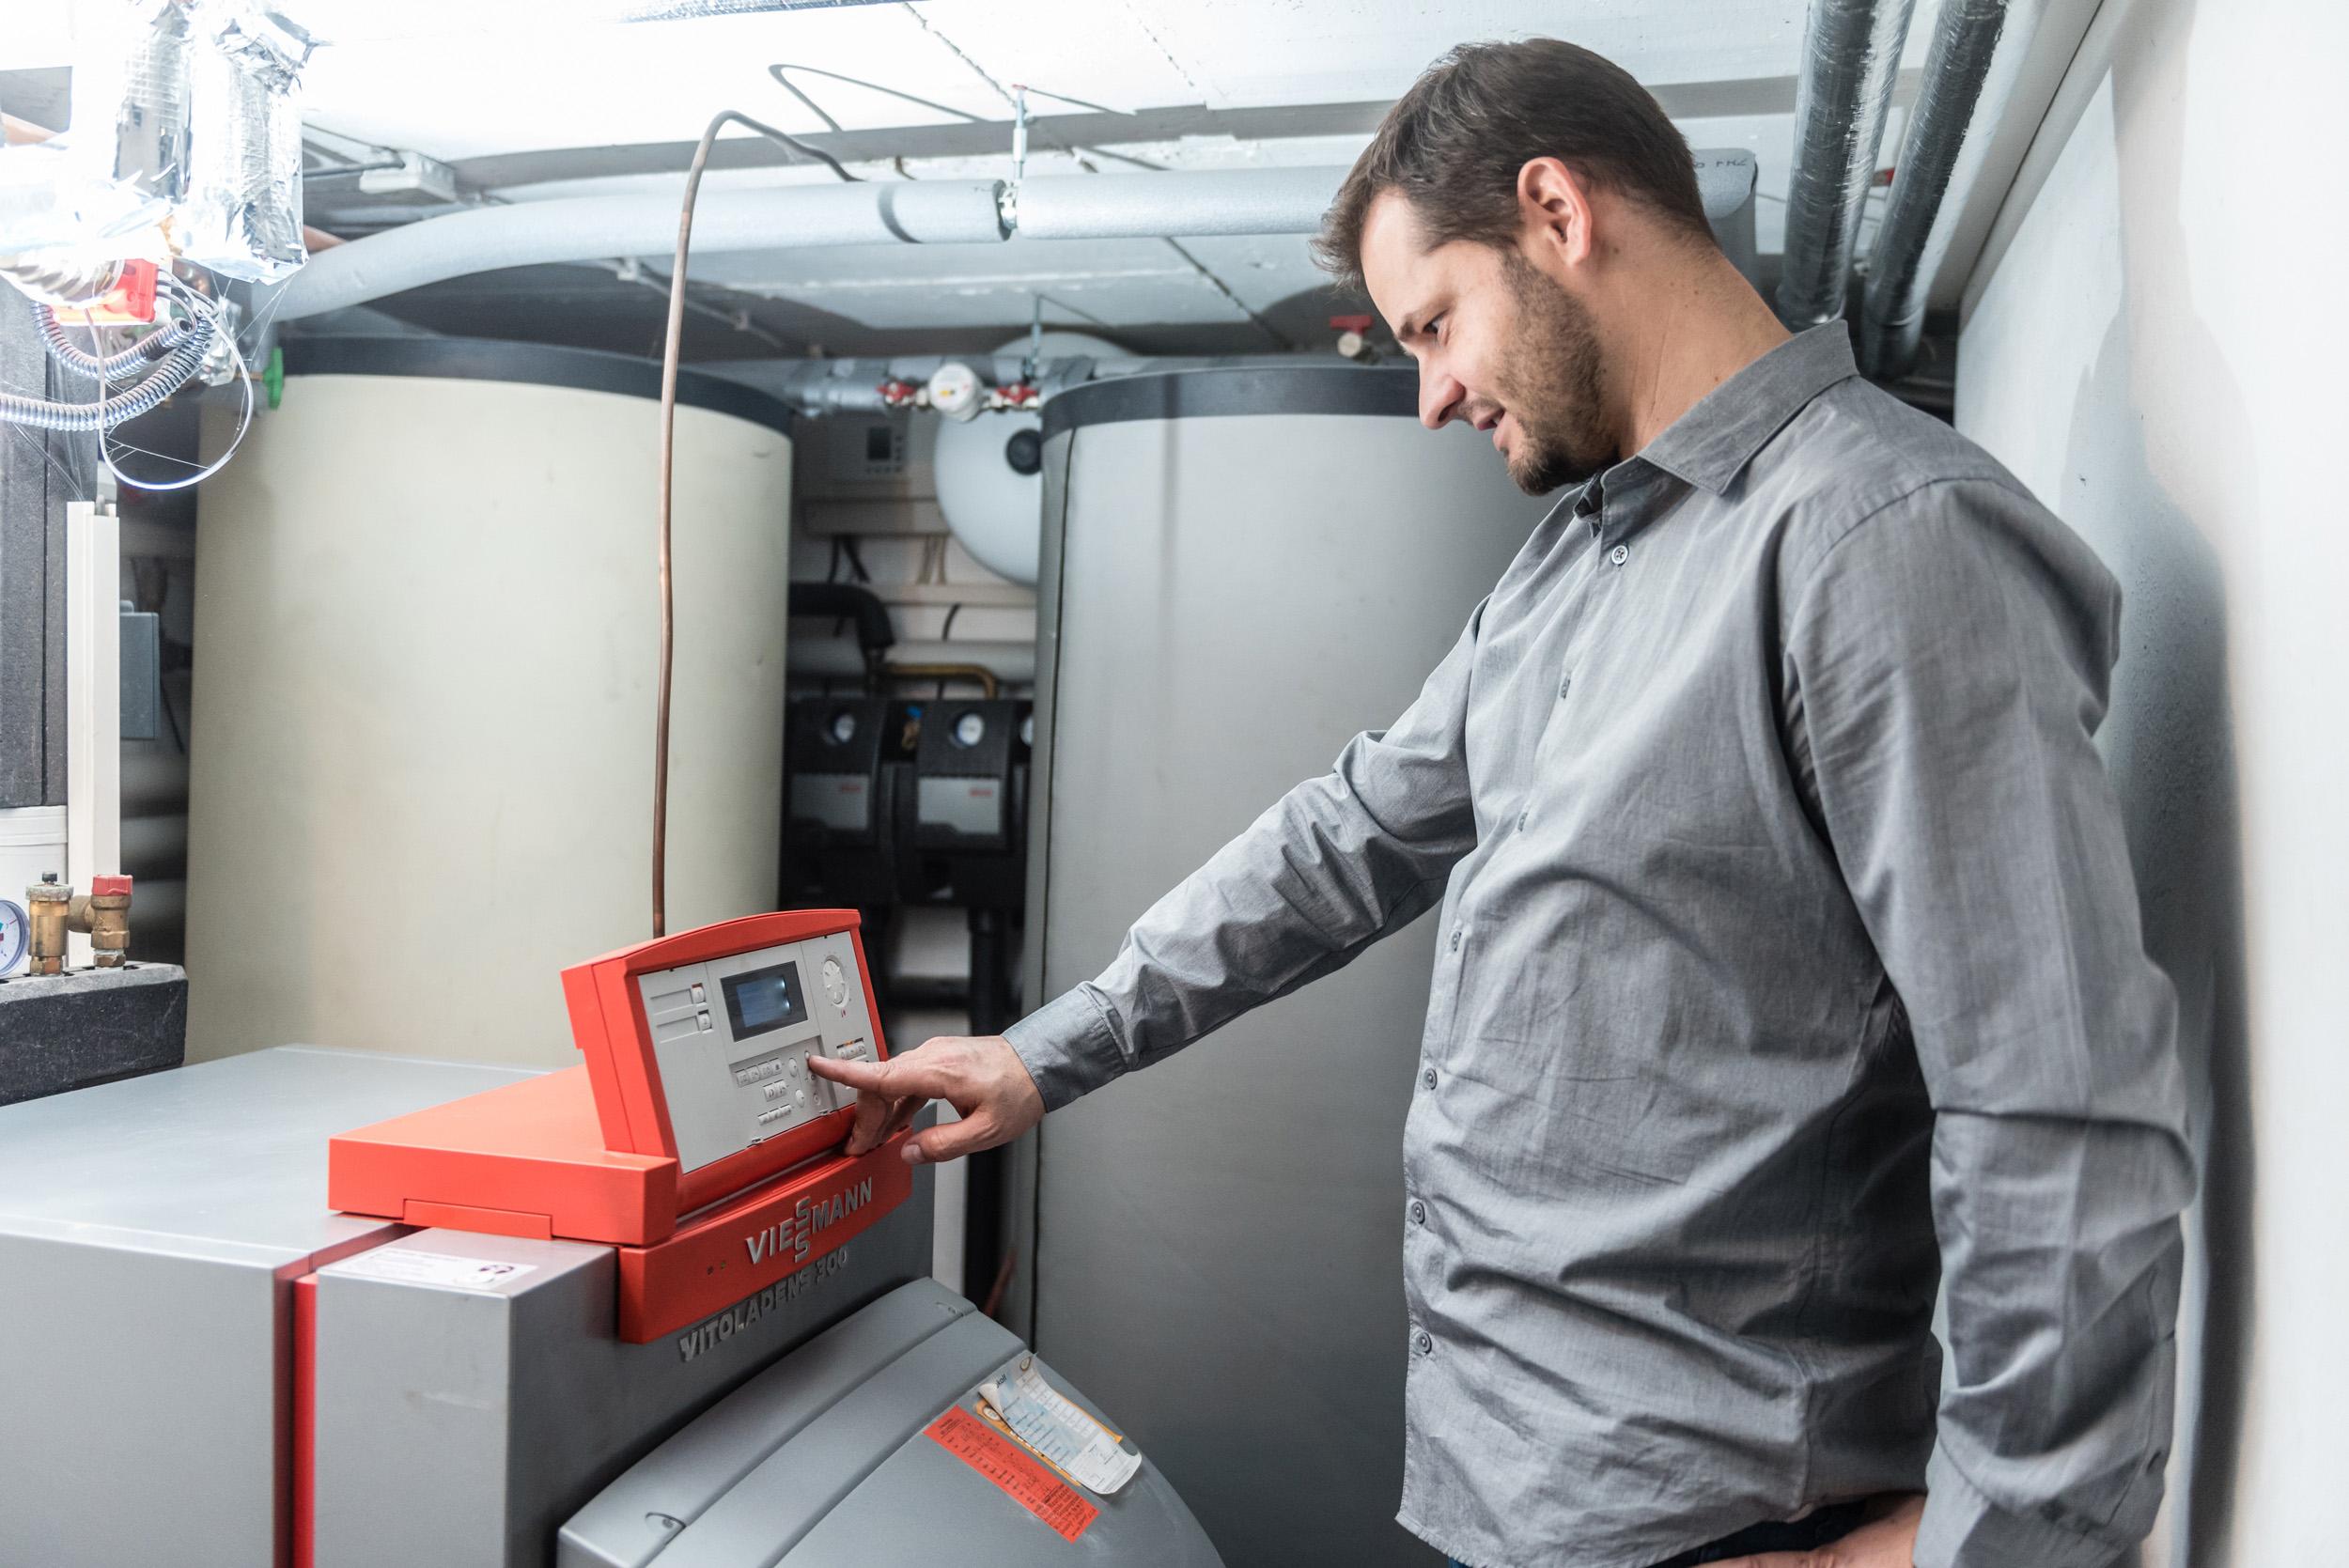 Moderne Heiztechnik nutzt mit einem Wirkungsgrad von bis zu 98 Prozent die eingesetzte Energie fast vollständig aus und kommen mit einer geringen Betriebstemperatur aus. Mittels Kondensation wird auch den Abgasen noch Restwärme entzogen. Das senkt den Energiebedarf für den Betrieb der Anlage und steigert die Effizienz. Bildquelle: tdx/IWO